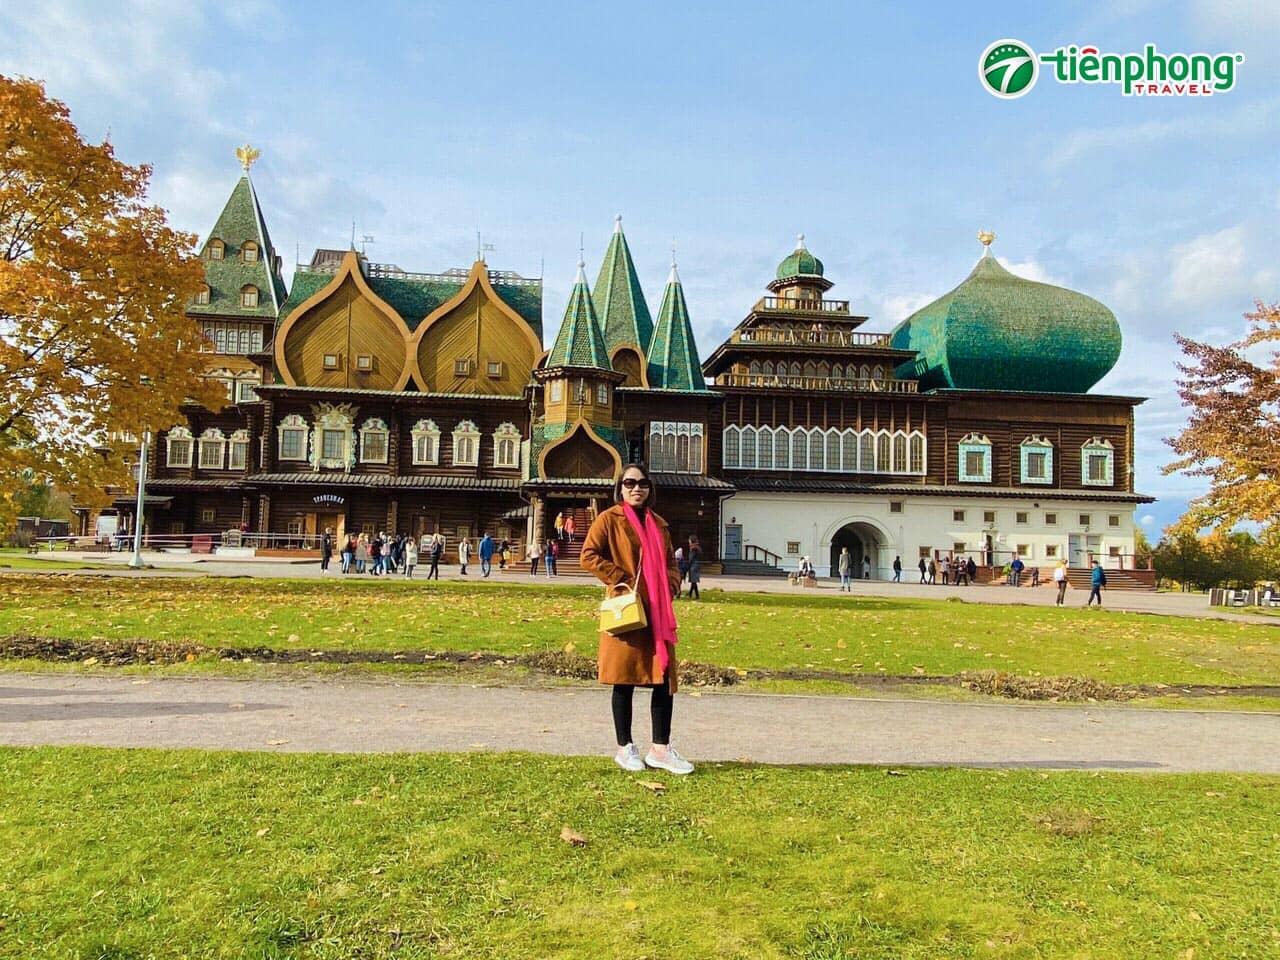 Công viên Kolomensk nước Nga